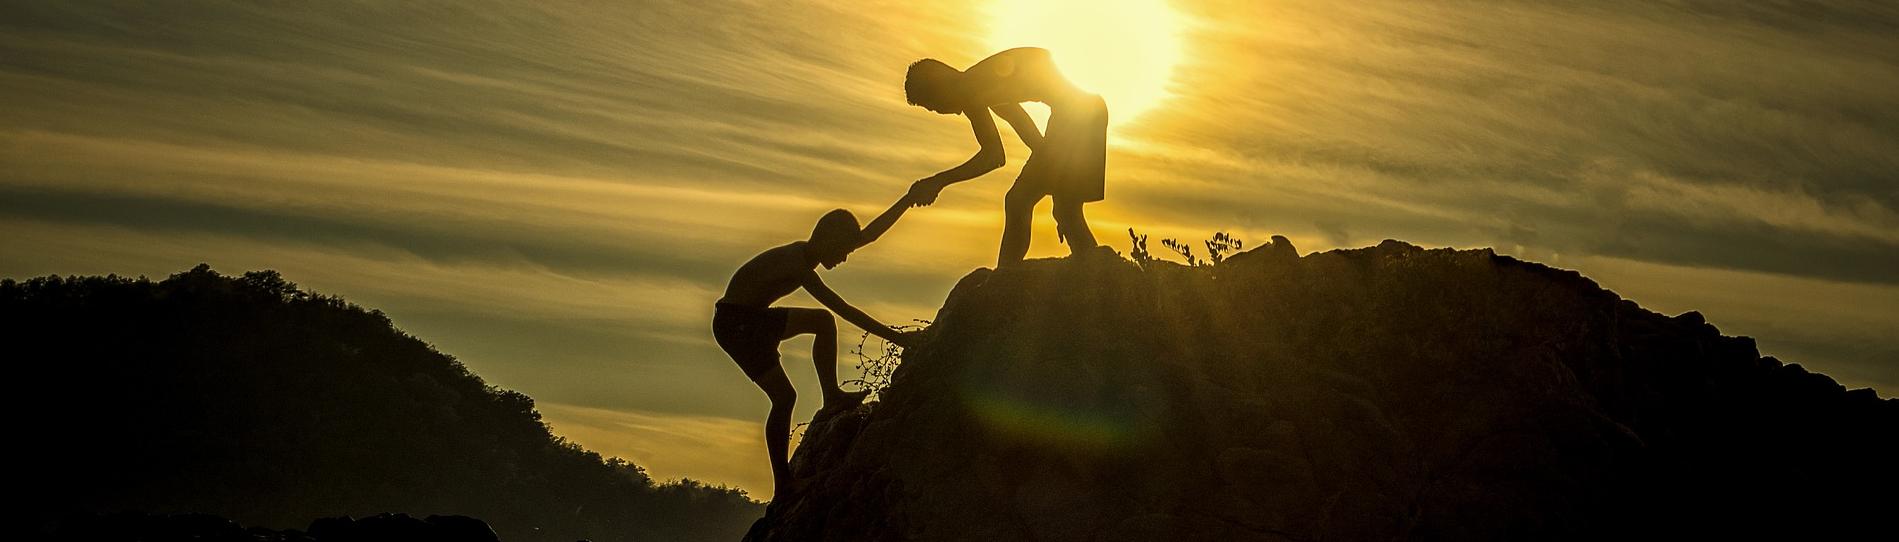 Hilfe annehmen, Ziele erreichen